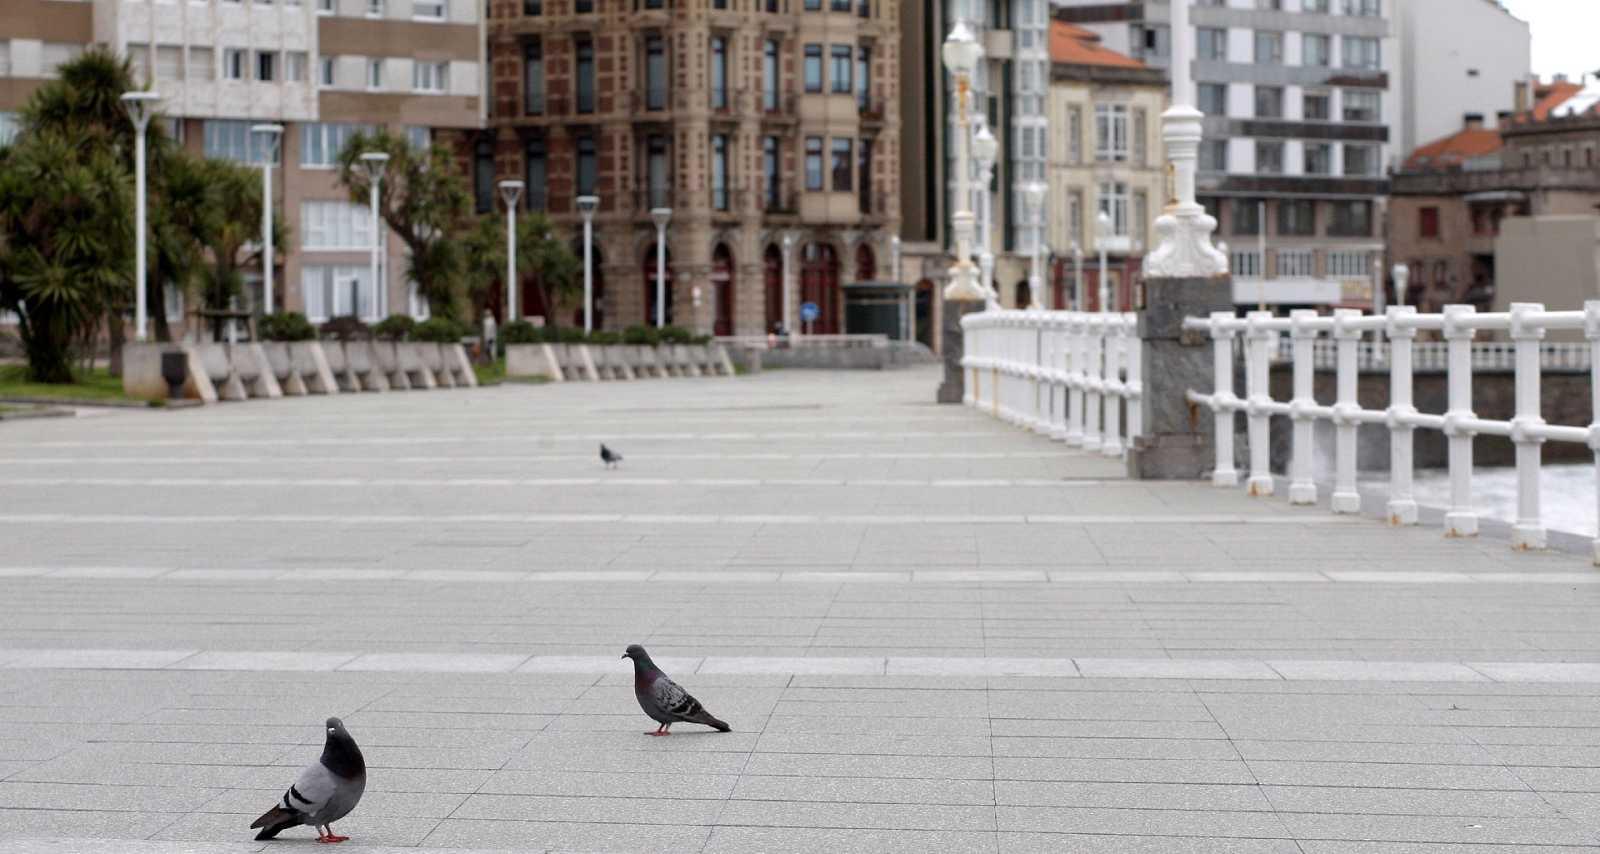 Reportajes Emisoras - Gijón - Nueva ordenanza de tráfico adaptada a la Agenda 20-30 - 04/03/21  - Escuchar ahora